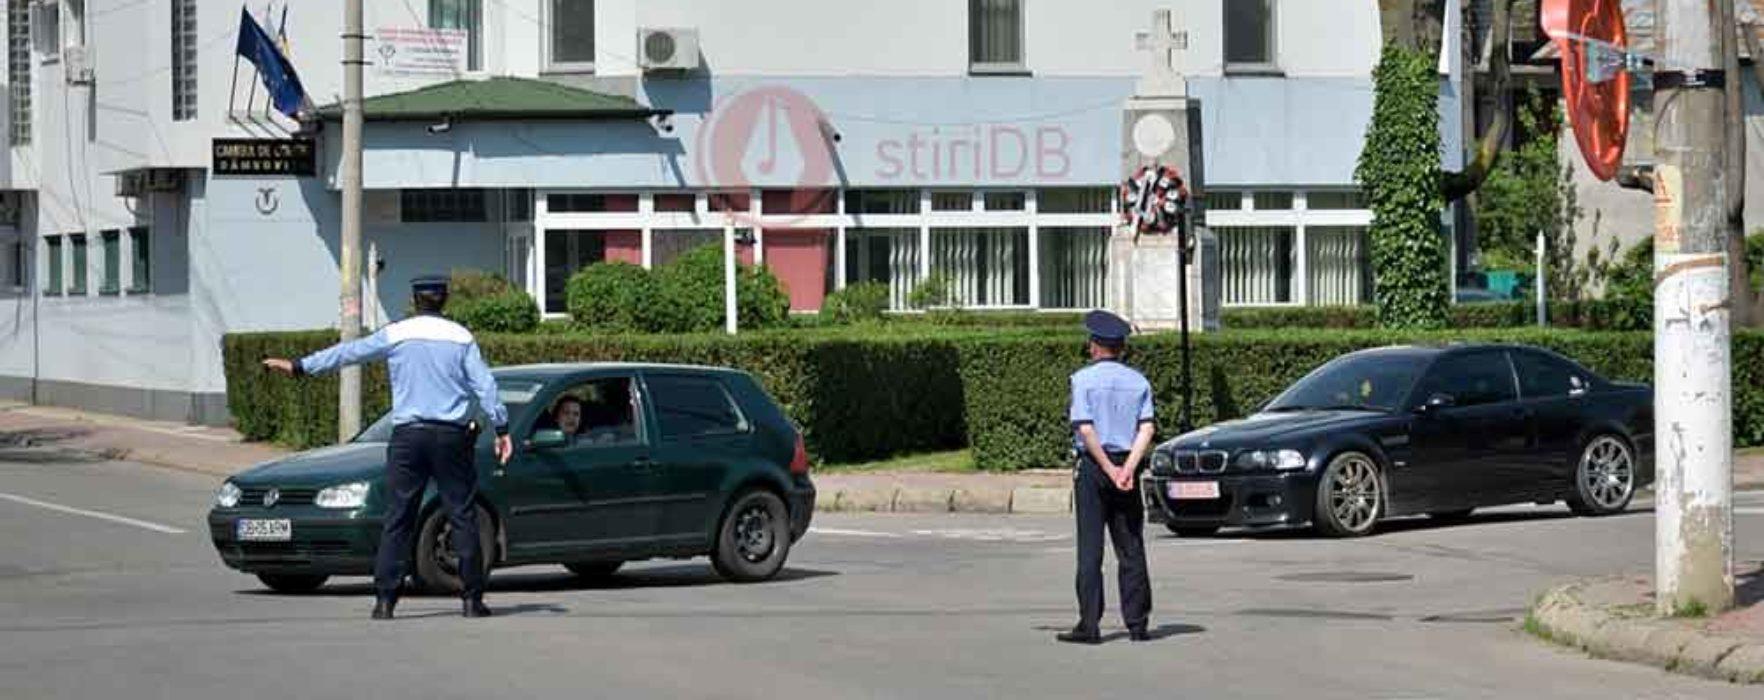 Târgovişte: Circulaţie închisă, joi, pe Bdul. Mircea cel Bătrân, între 11.15-13.30